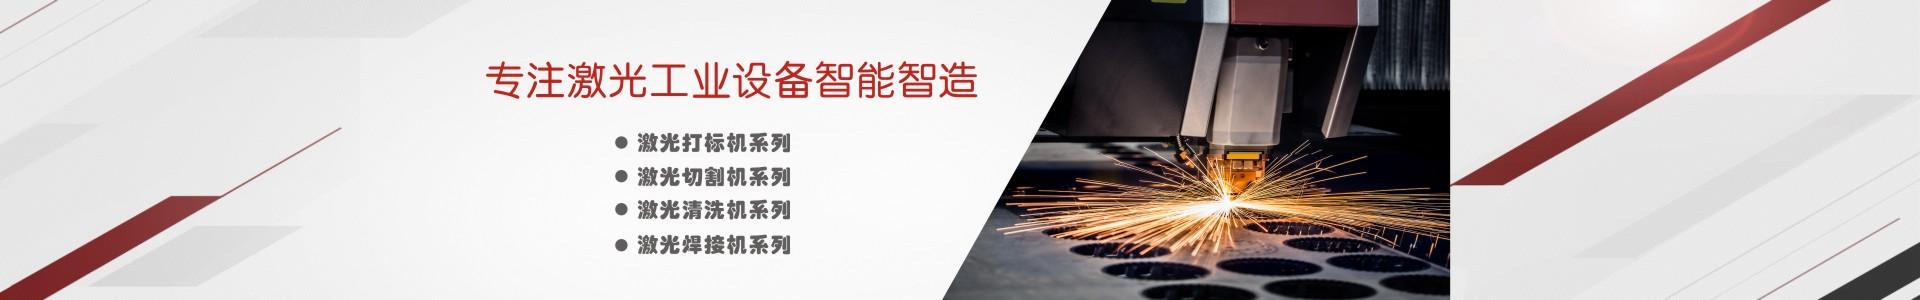 激光焊接机厂家